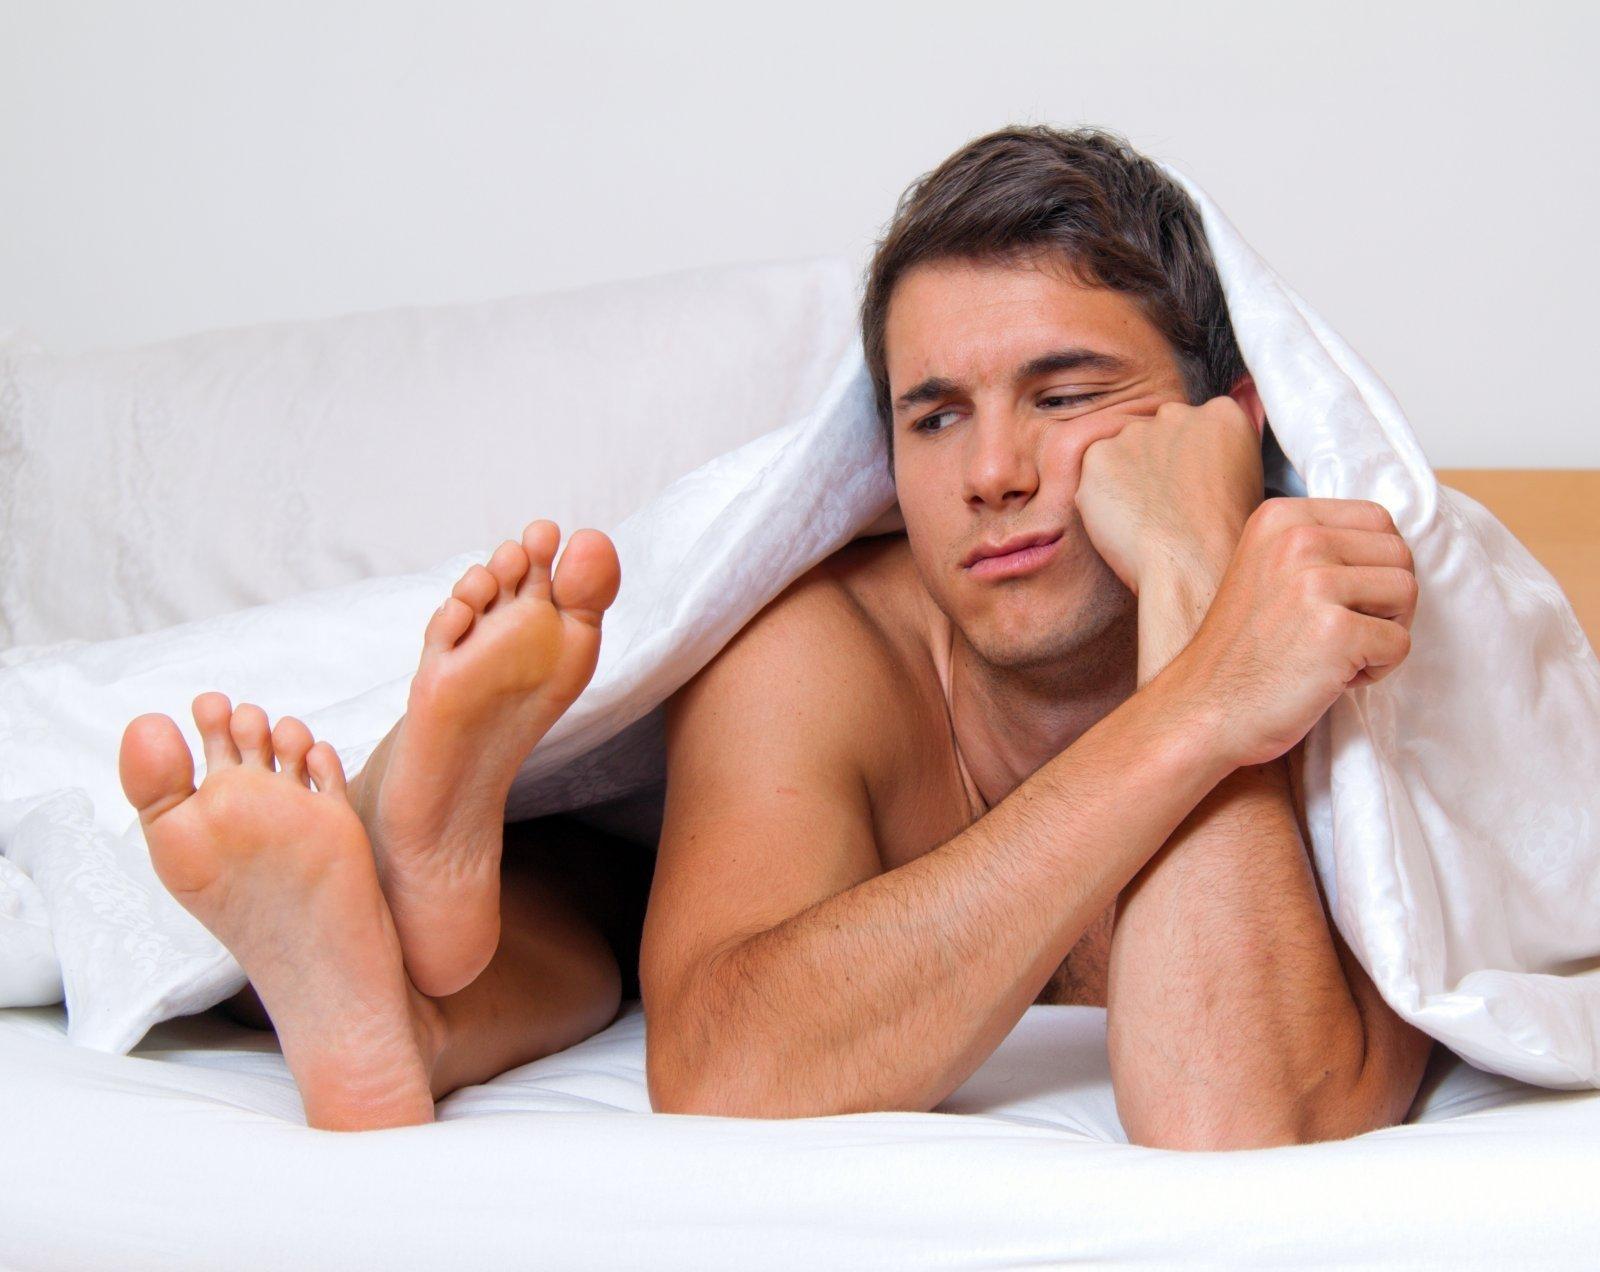 varpos padidėjimas nepadėjo erekcijos disfunkcija dėl hormonų sutrikimo